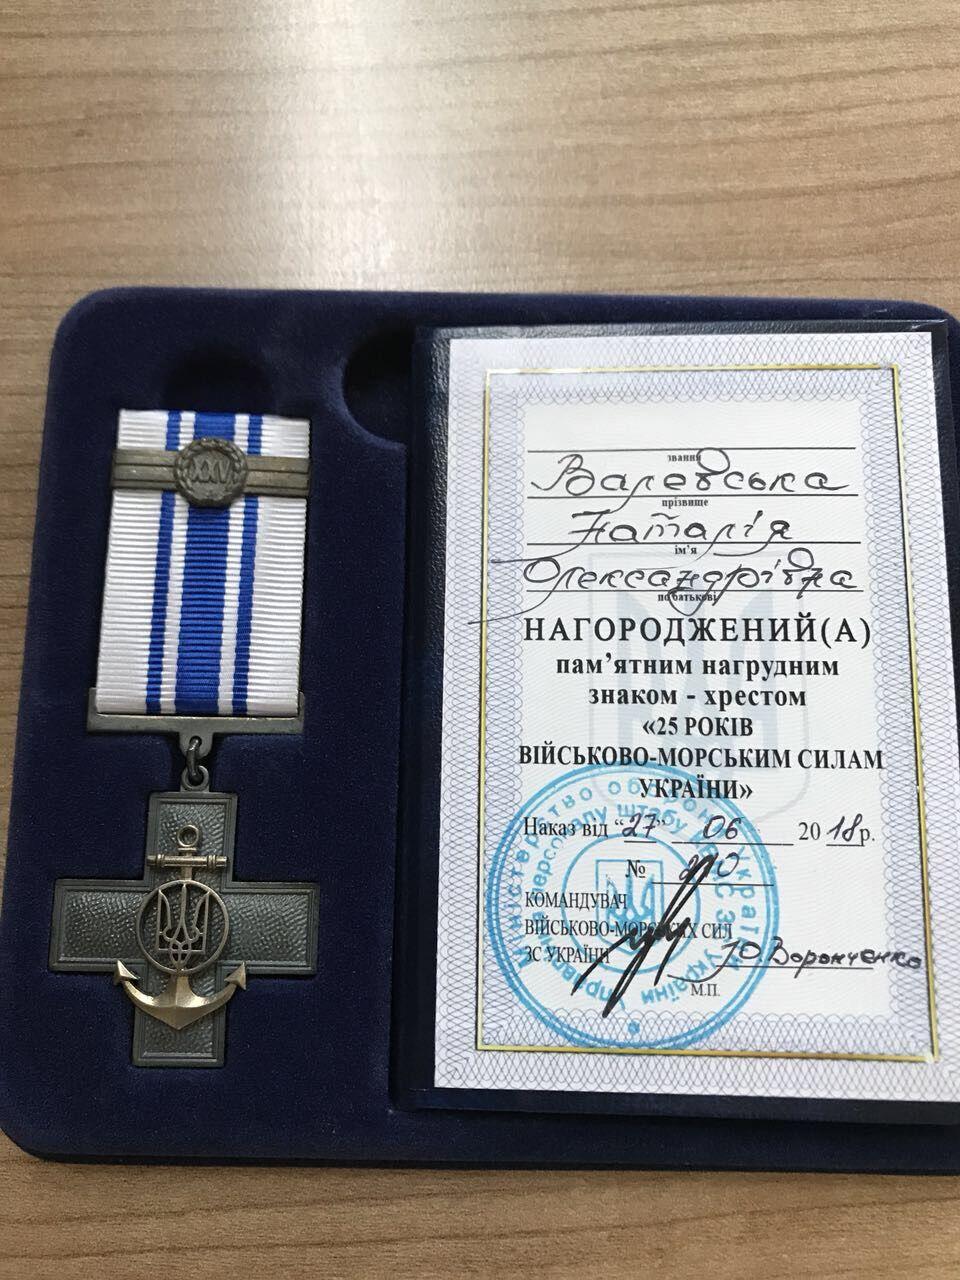 Валевская получила награду от ВМС Украины